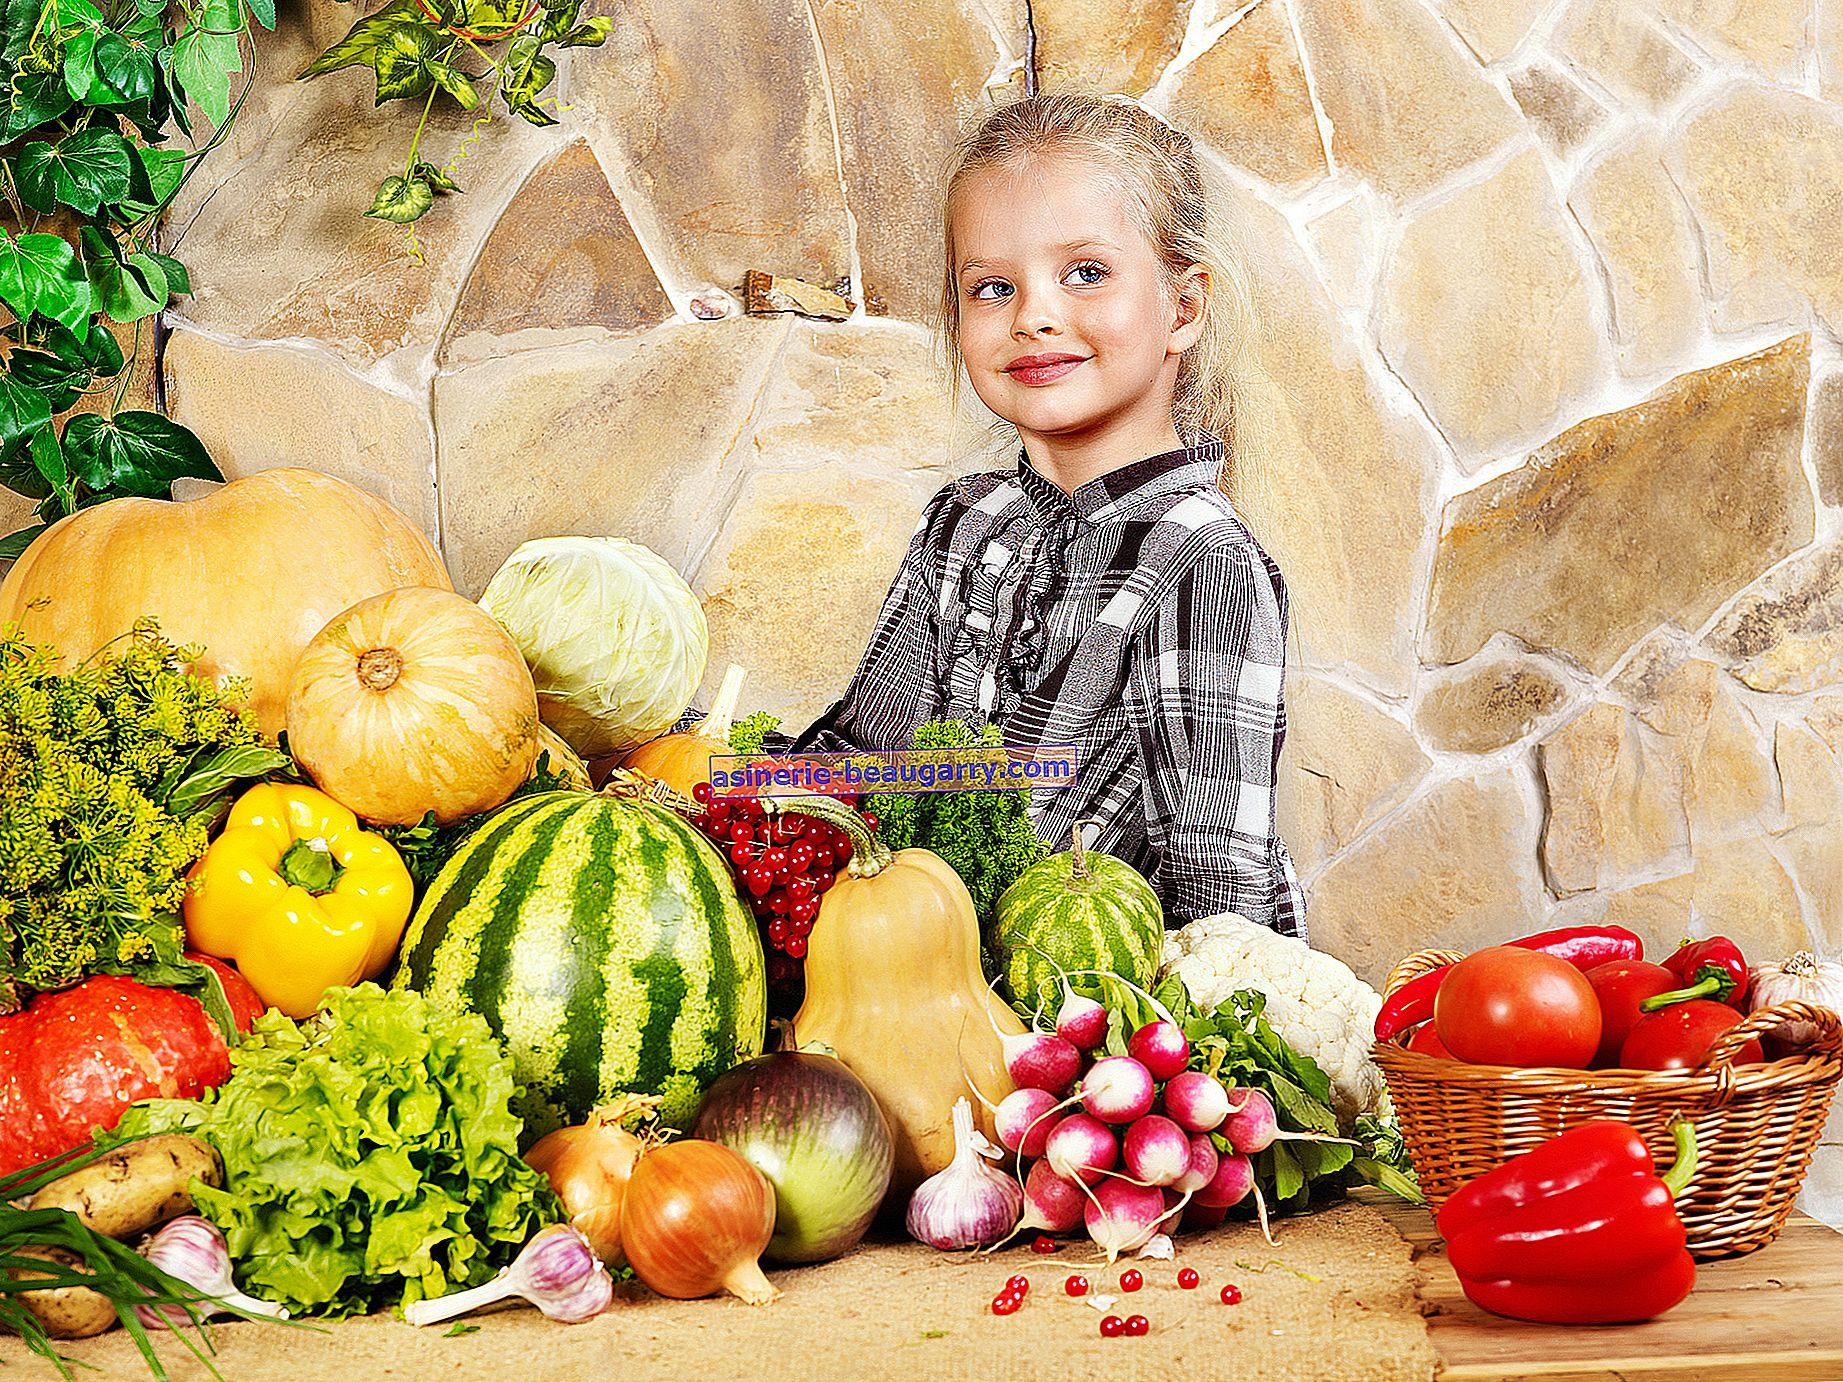 Principes de nutrition équilibrée et saine